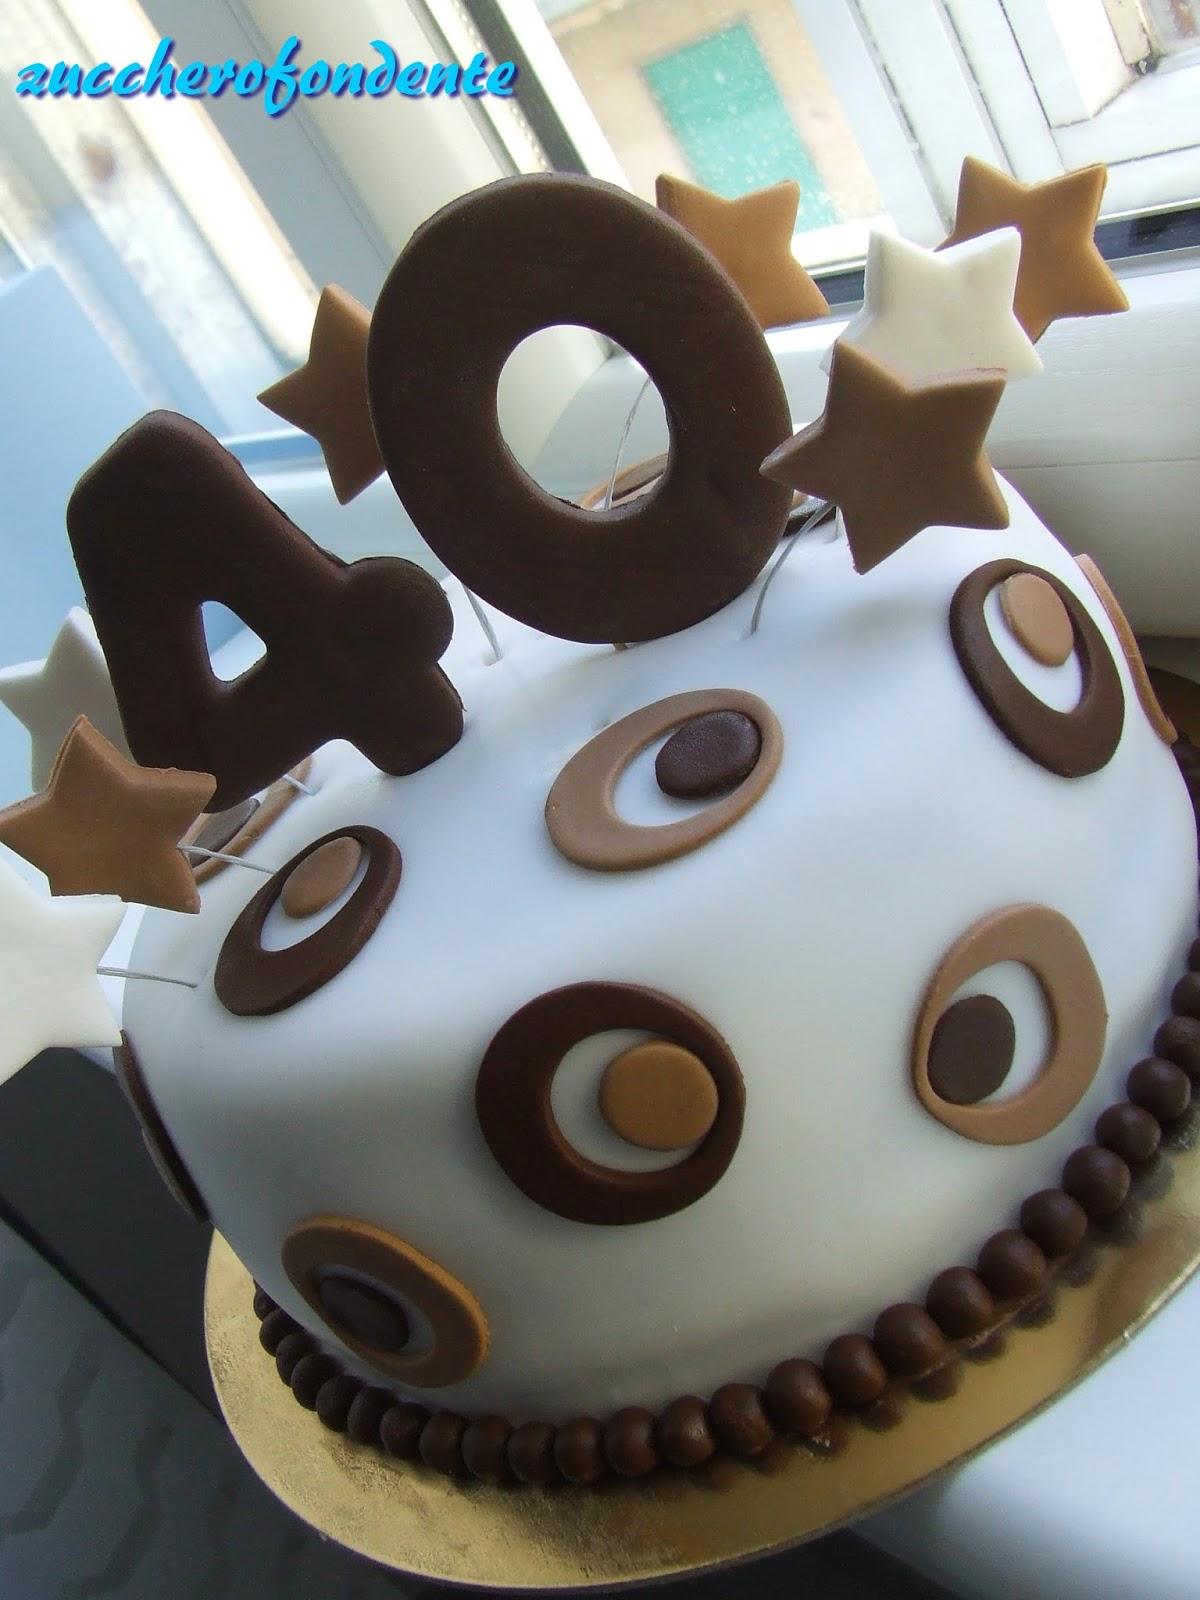 Favoloso Torta 40 anniun po' speciale (intolleranza al lattosio) EZ45